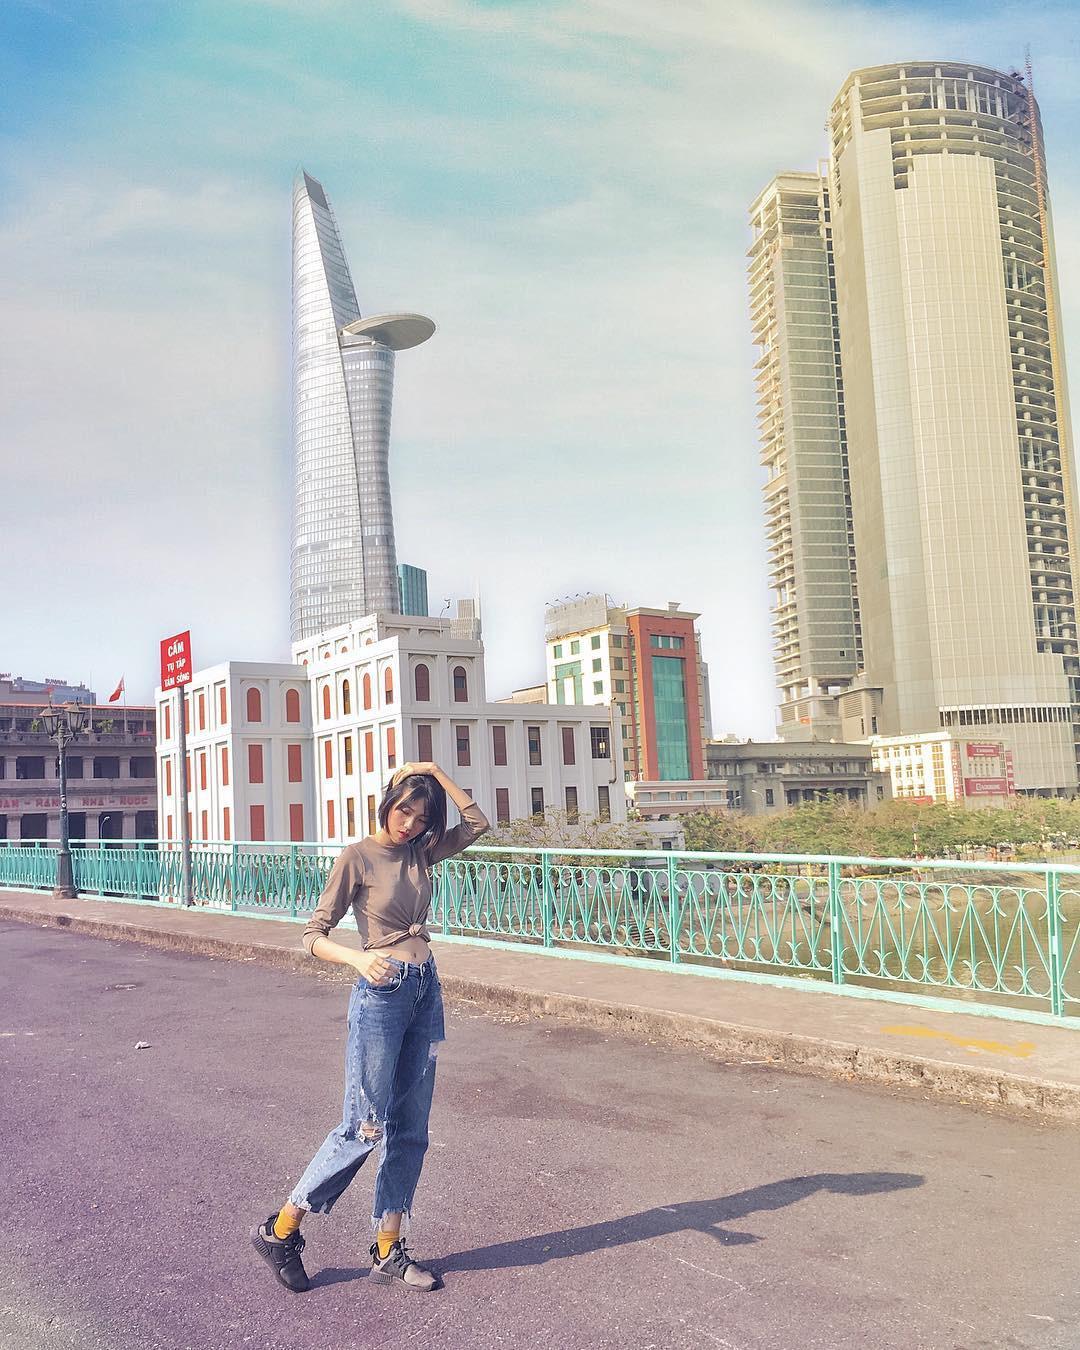 """""""Act cool đứng hình mất 5s"""" trước 8 cây cầu sống ảo đẹp nhất Việt Nam, bạn đã check-in hết chưa? - Ảnh 18."""